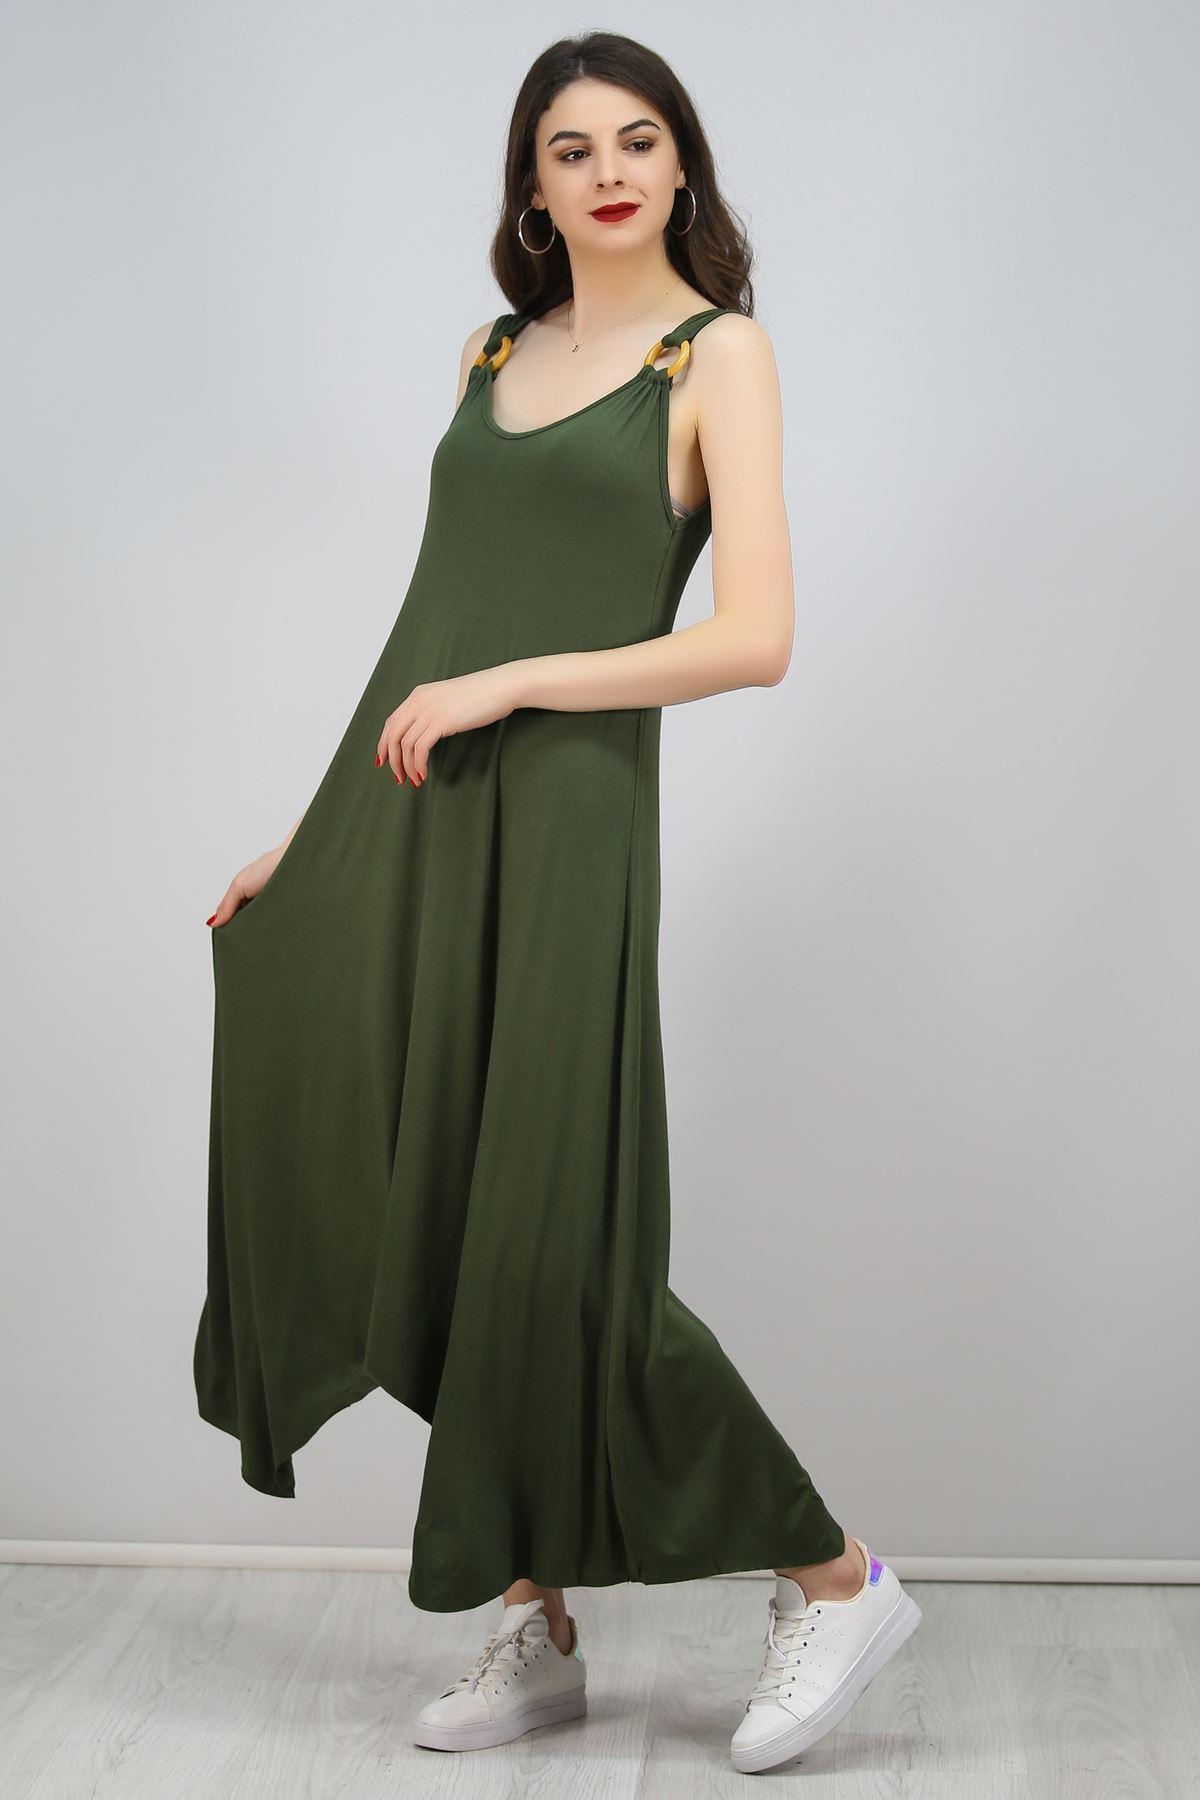 Halkalı Elbise Haki - 1245.1095.